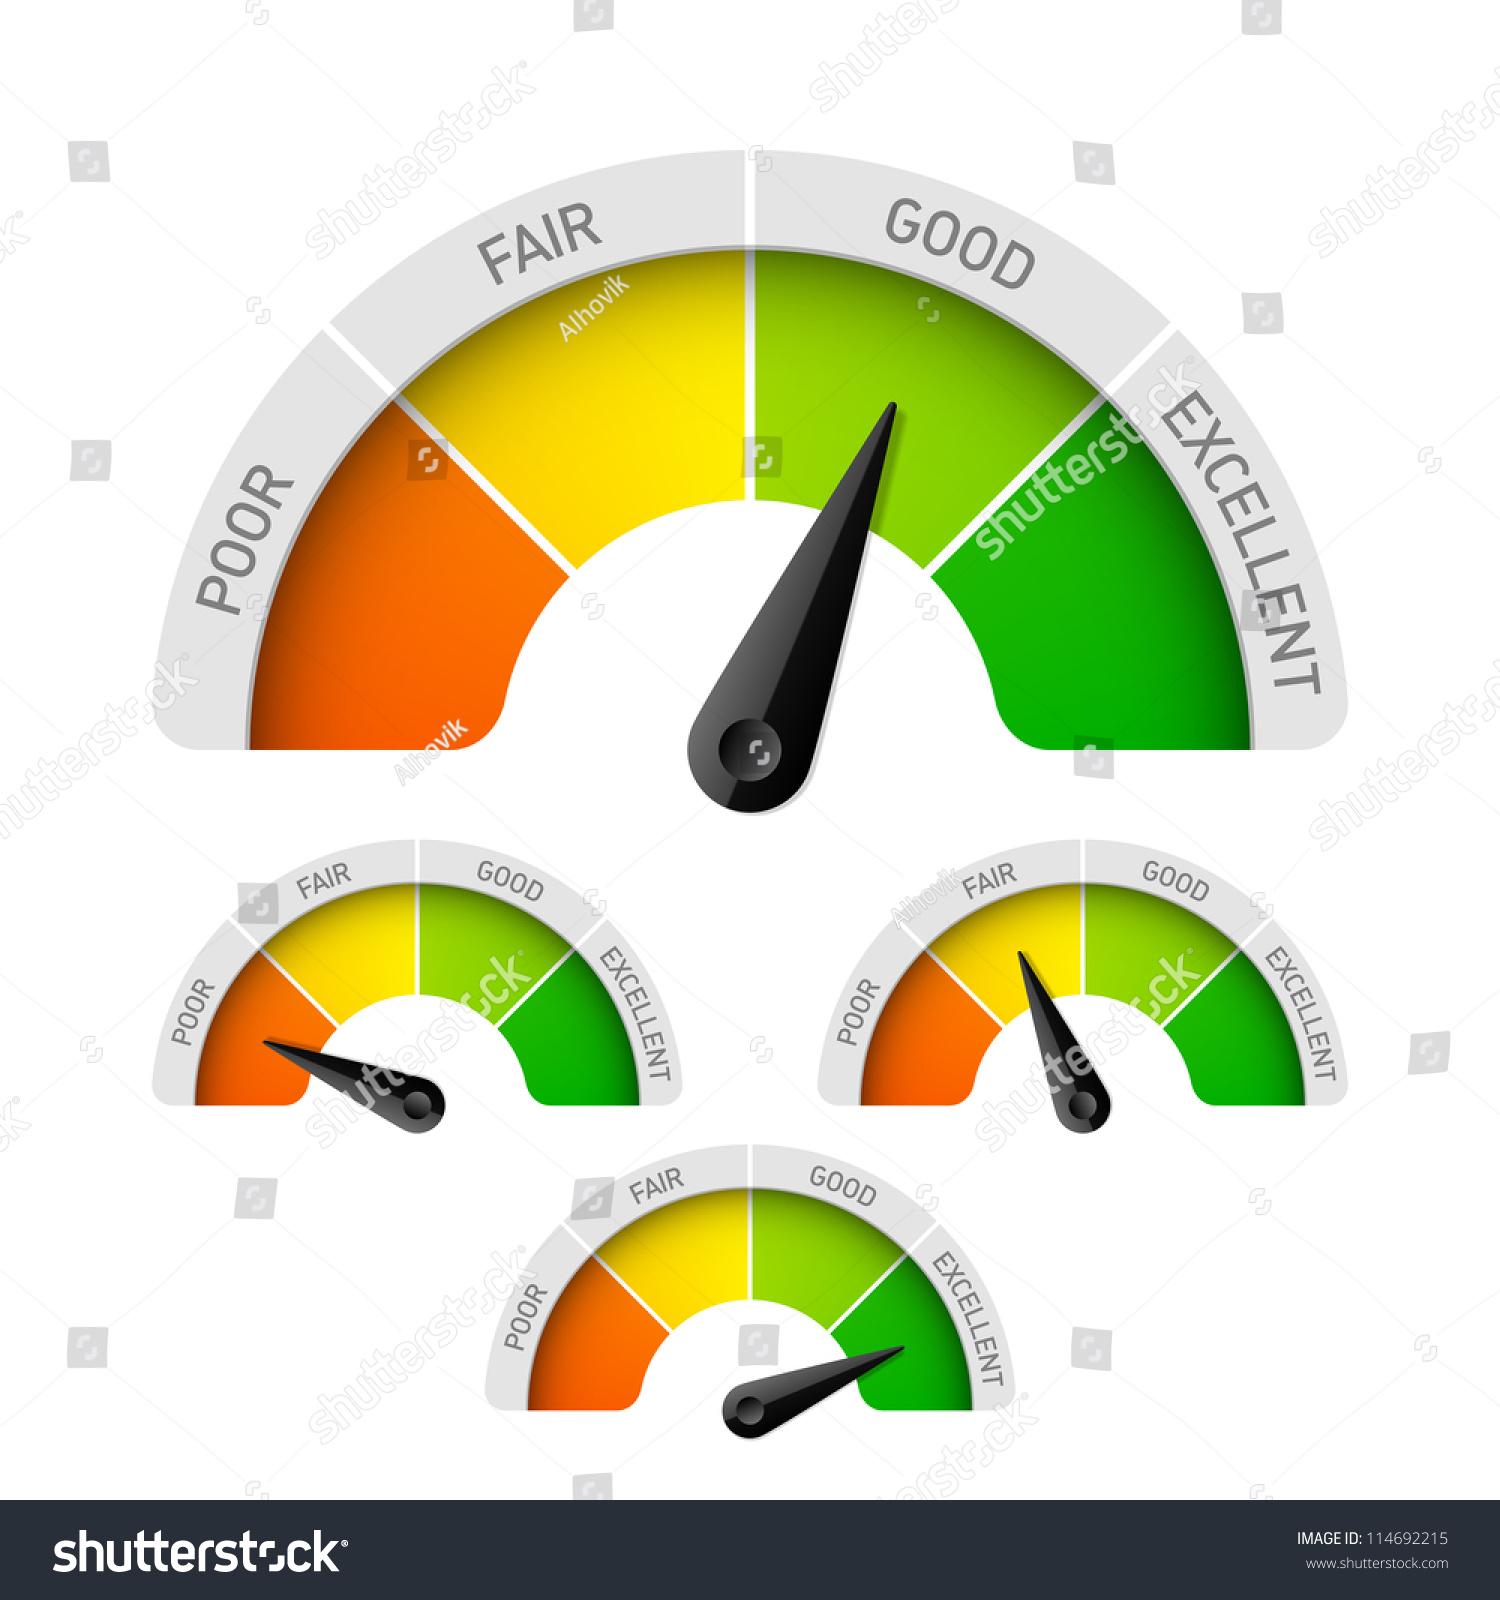 poor fair good excellent rating meter stock vector 114692215